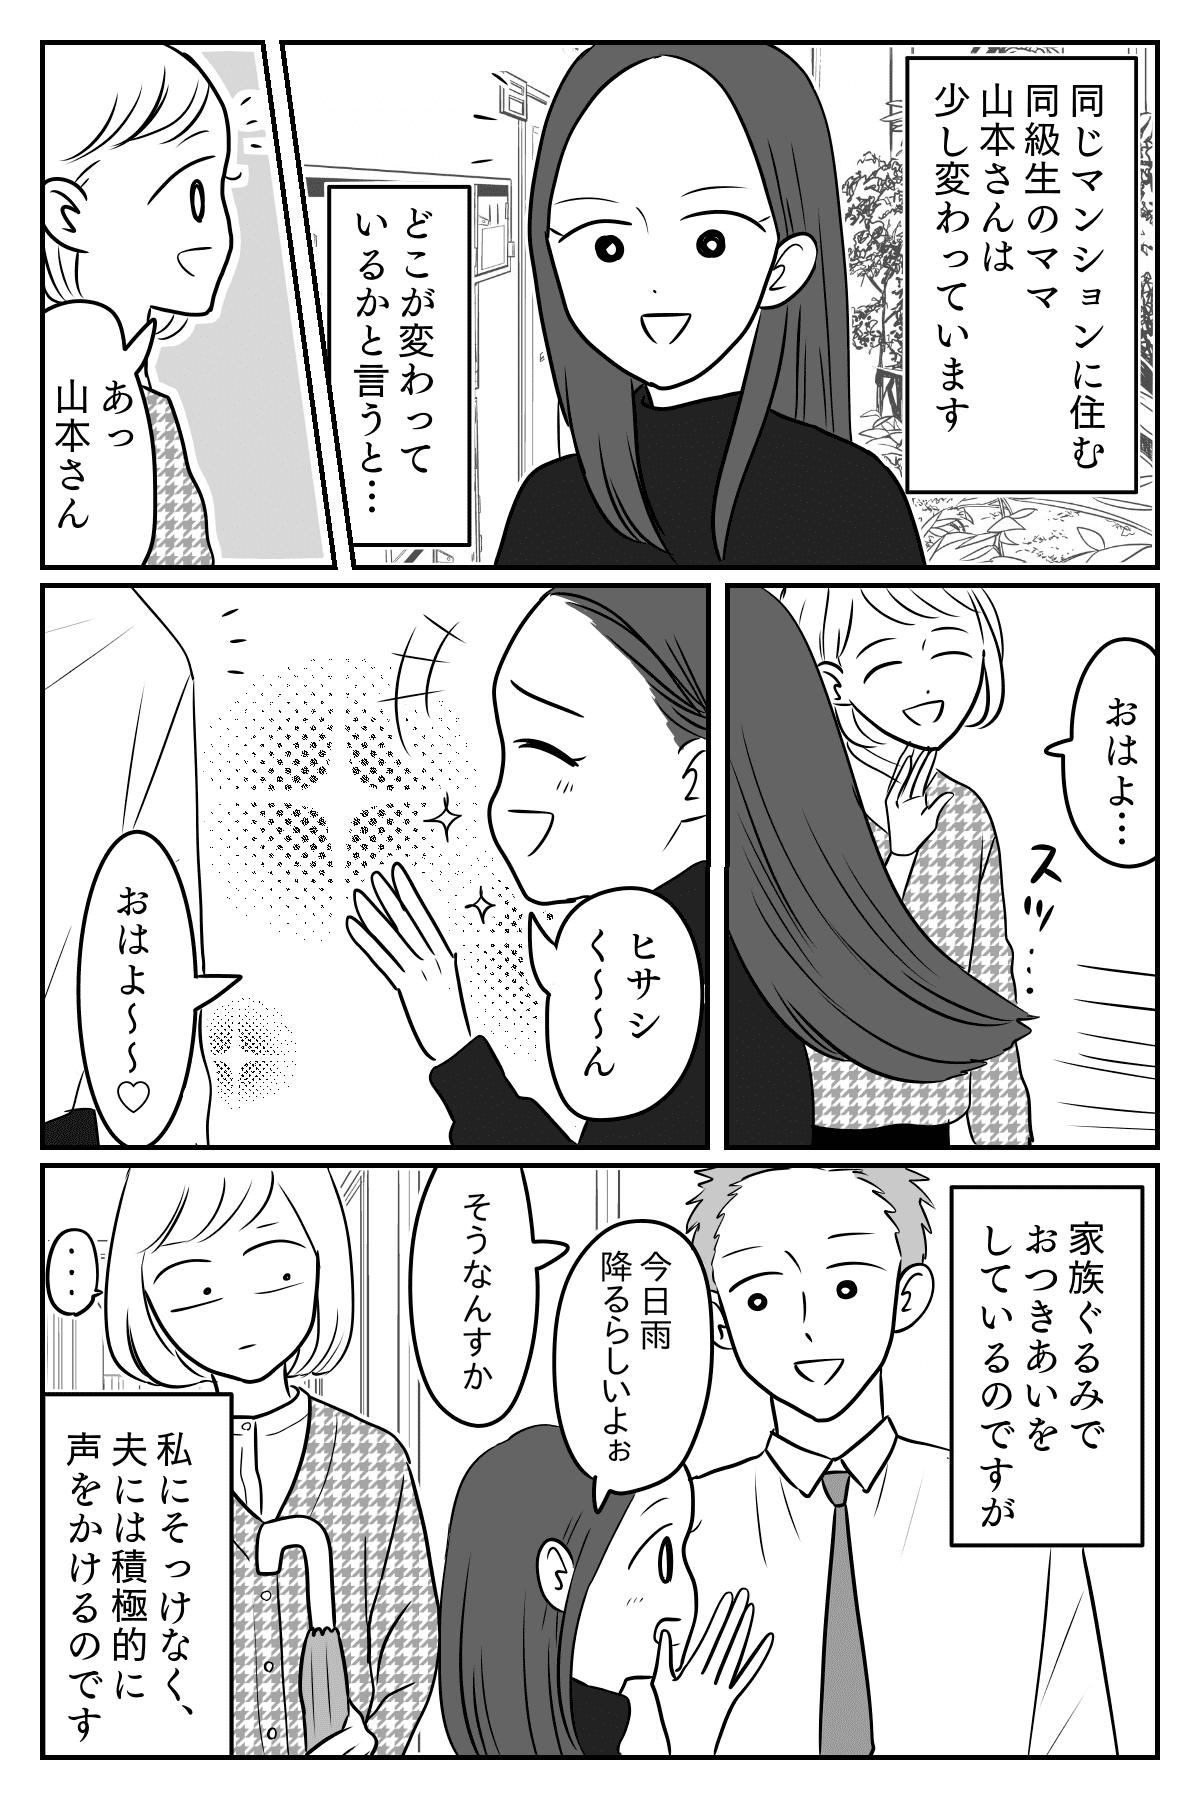 男好き1-1 (1)